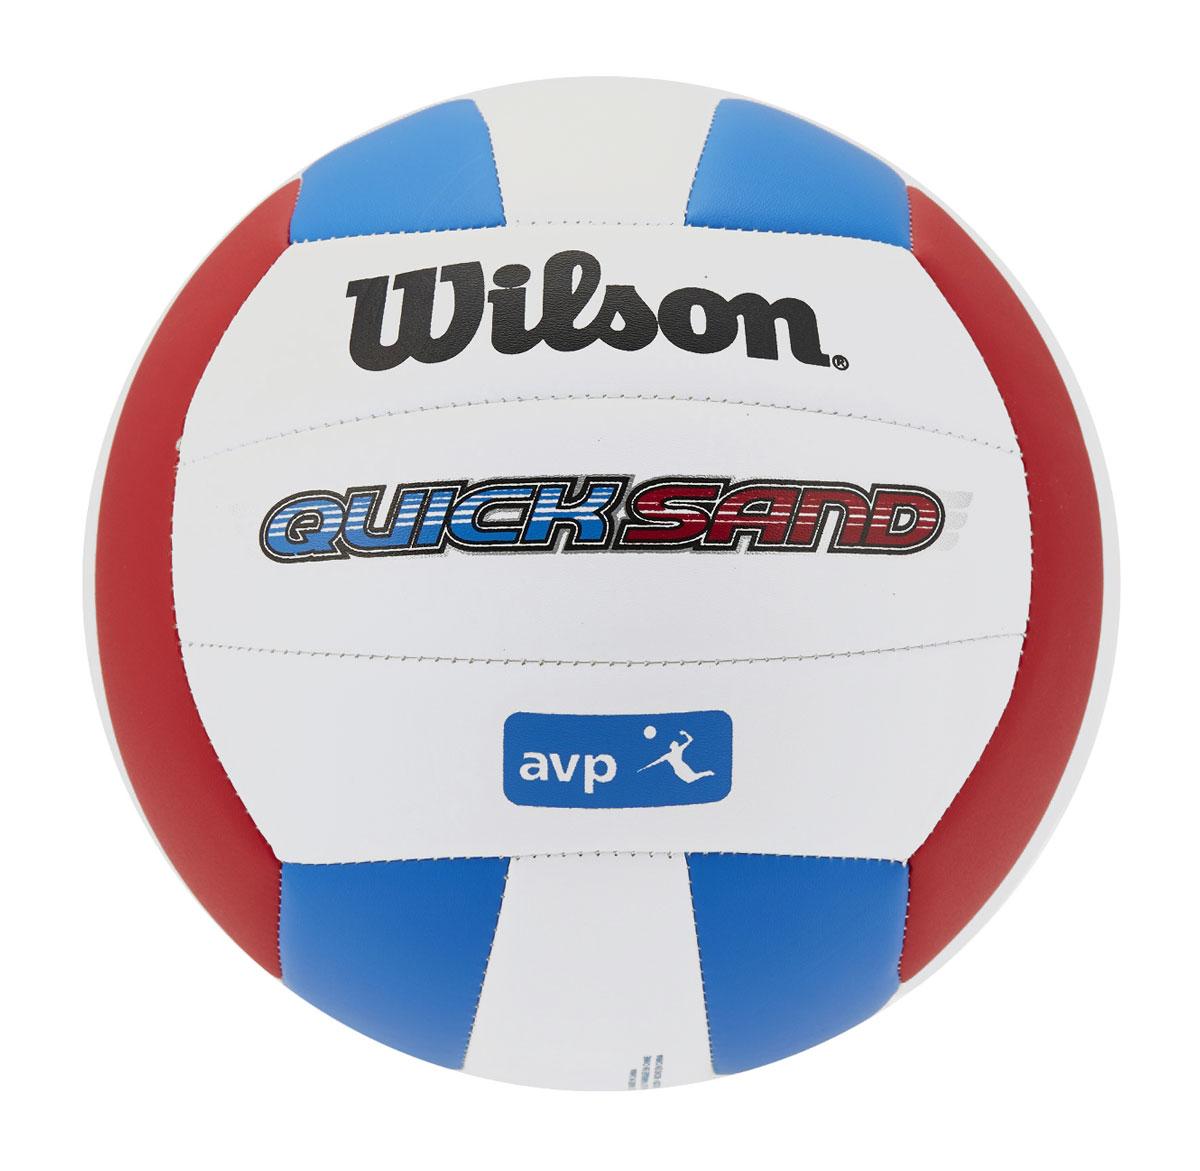 Мяч волейбольный Wilson Avp Hawaii, цвет: белый, синий, красный, диаметр 20 смWTH4893XBВолейбольный мяч Wilson Avp Hawaii предназначен для комфортных тренировок и игр команд любого уровня. Покрышка мяча выполнена из высокотехнологичного композитного материала на основе микрофибры, с применением технологии Soft Touch, которая напоминает натуральную кожу и обеспечивает правильный отскок.Мяч состоит из 18 панелей и бутиловой камеры, также армирован подкладочным слоем, выполненным из ткани.Мяч отлично подойдет для тренировок и соревнований команд высокого уровня.УВАЖАЕМЫЕ КЛИЕНТЫ!Обращаем ваше внимание на тот факт, что мяч поставляется в сдутом виде. Насос в комплект не входит.